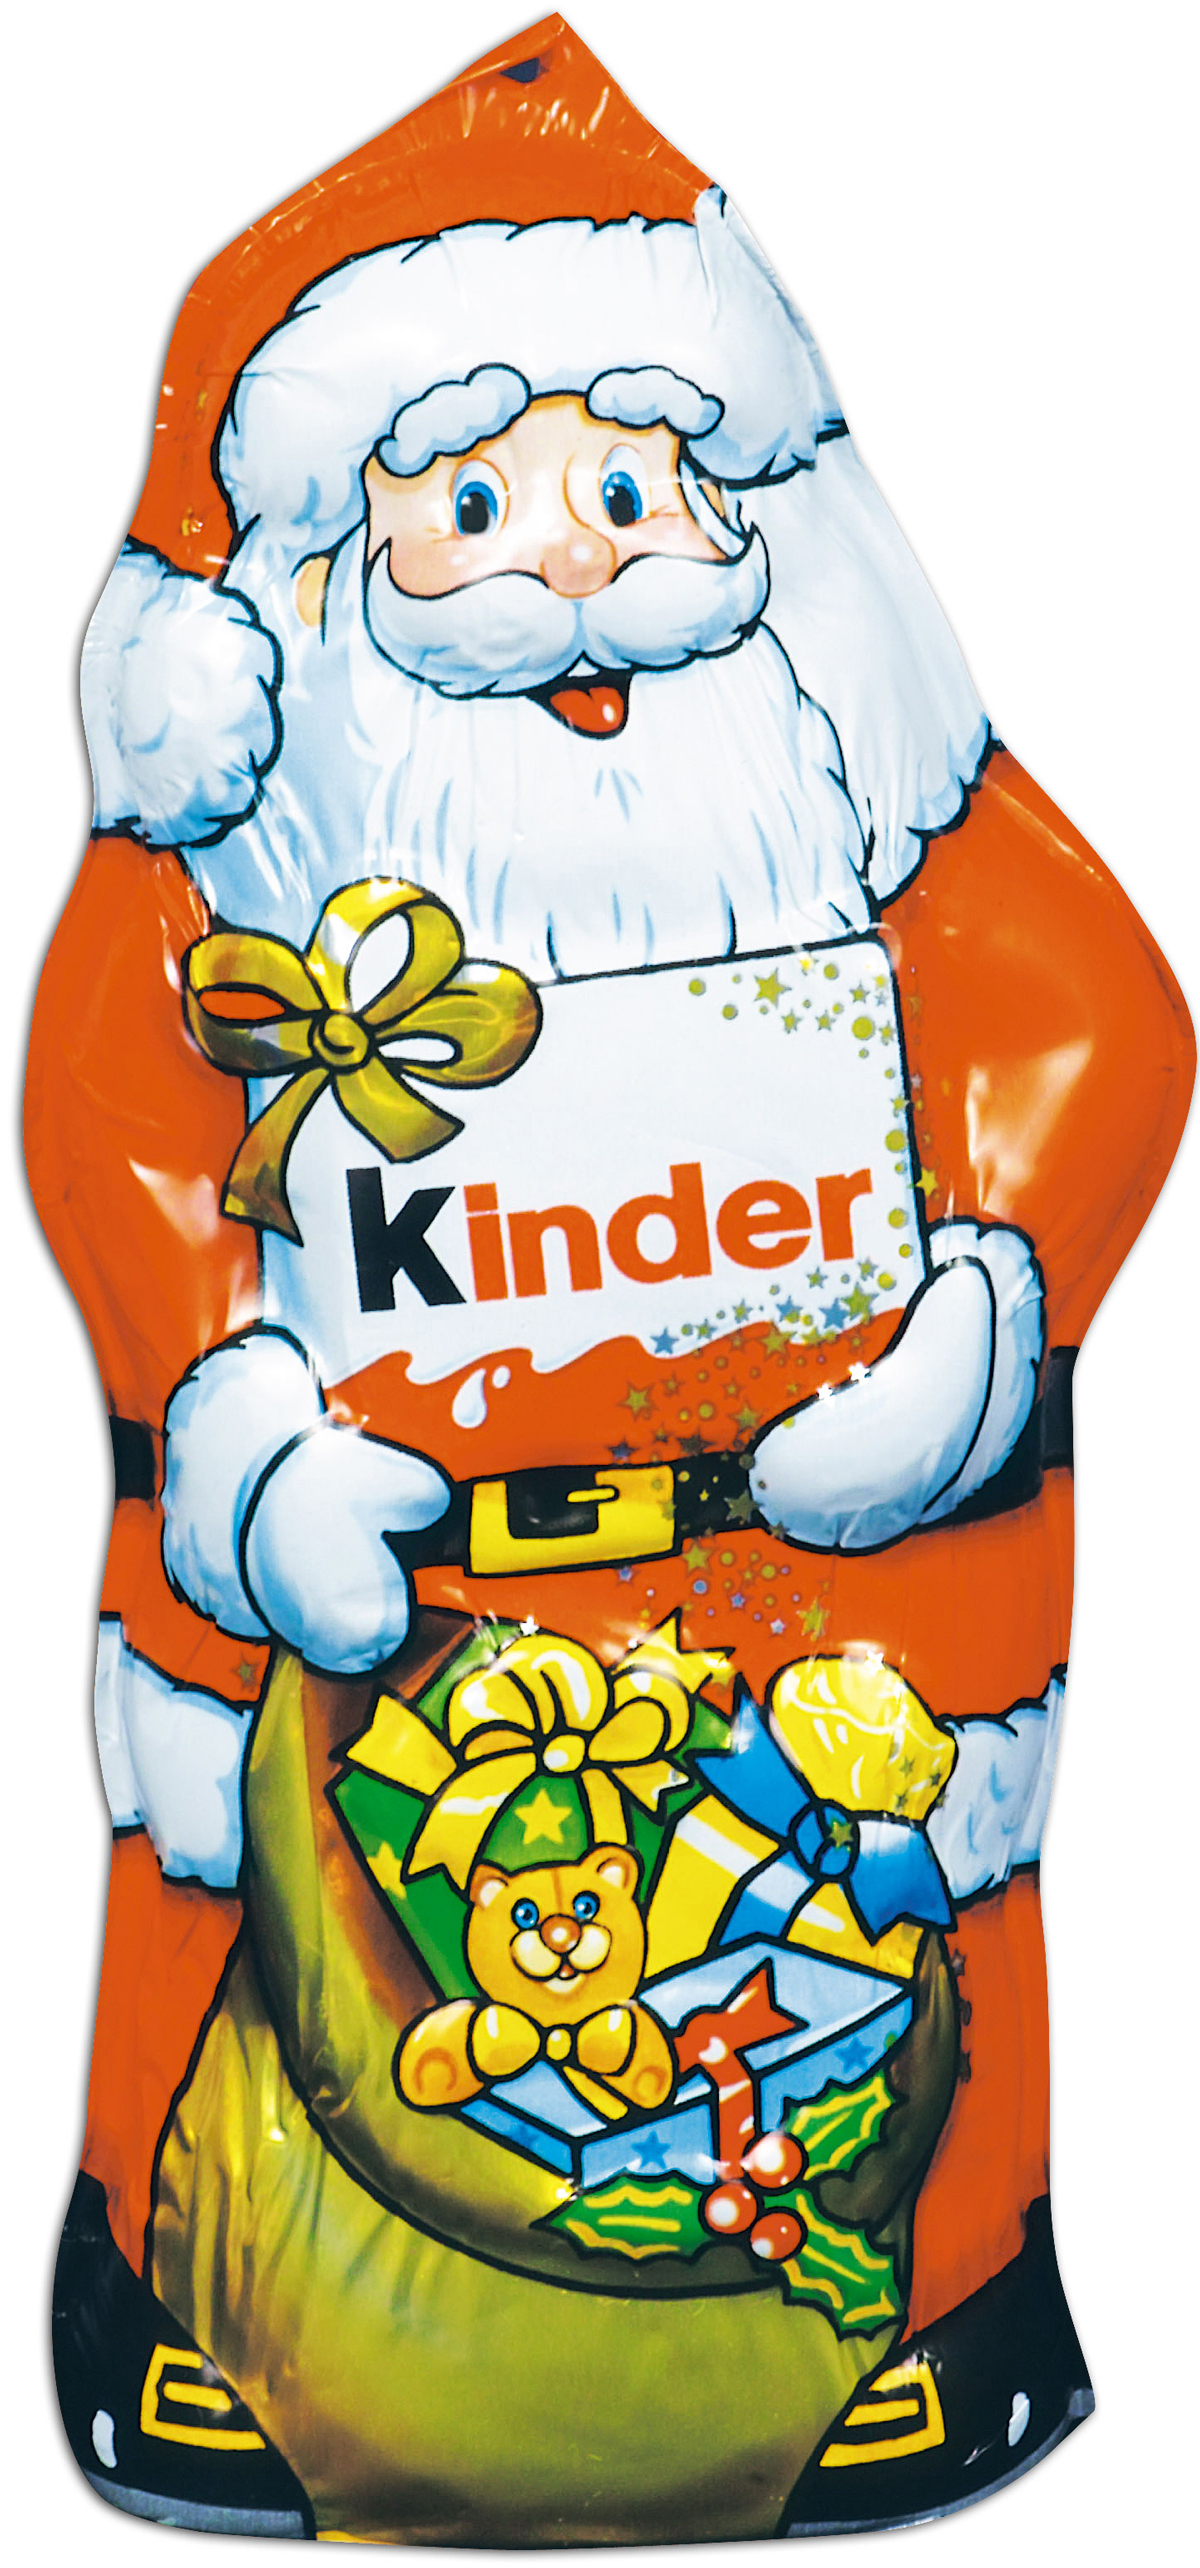 Шоколад Kinder Kinder «Дед Мороз» молочный фигурный 55 г